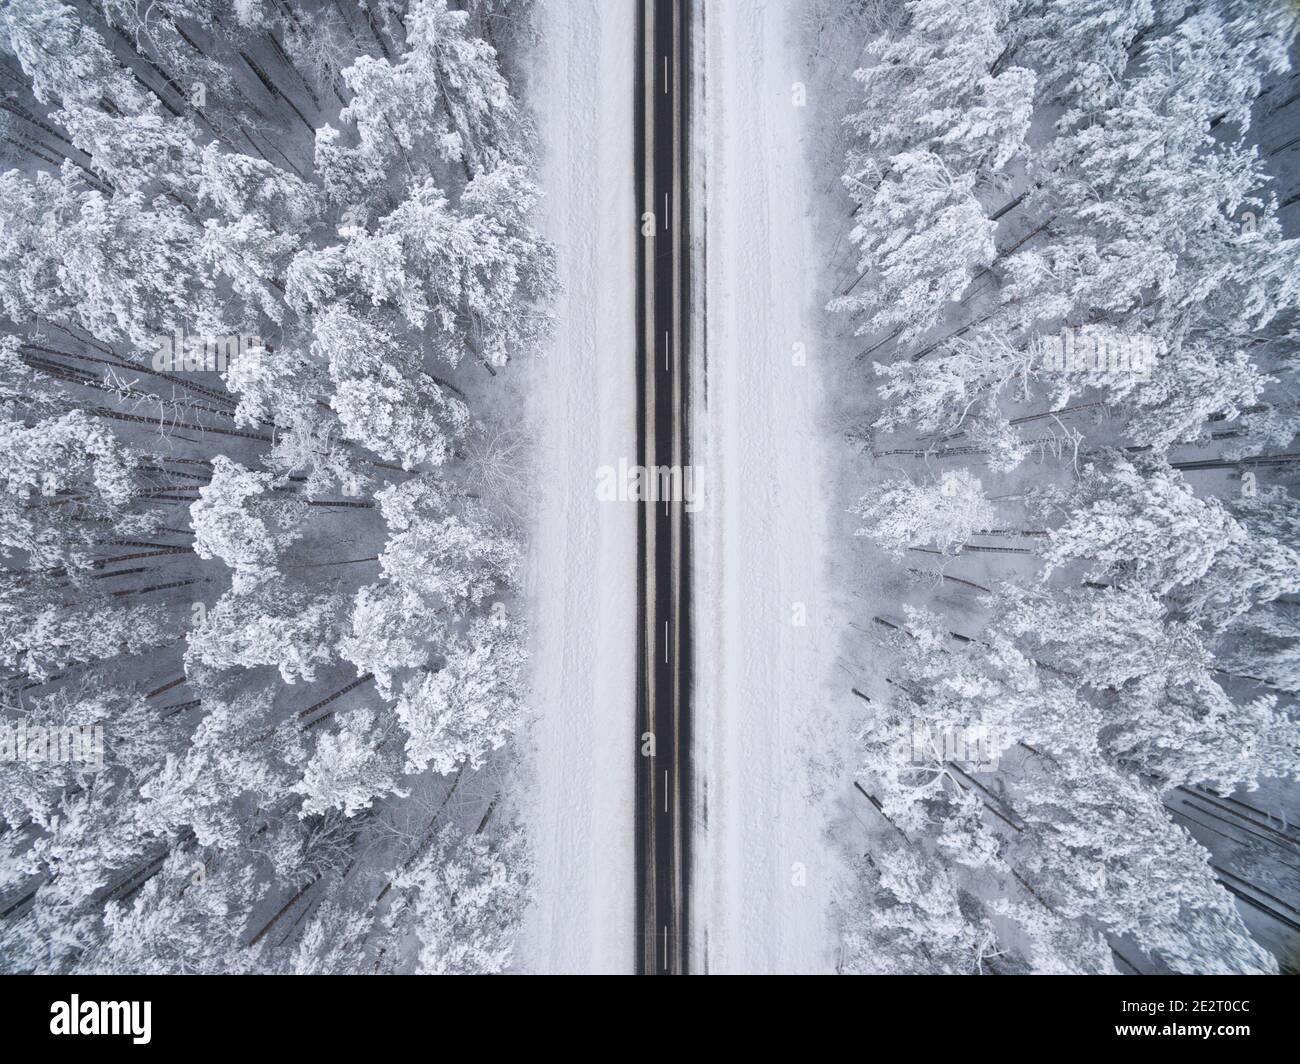 Bosque nevado de coníferas de invierno con un camino de asfalto negro. Fotografía de la naturaleza. Vista panorámica desde la cima desde una vista de pájaro Foto de stock